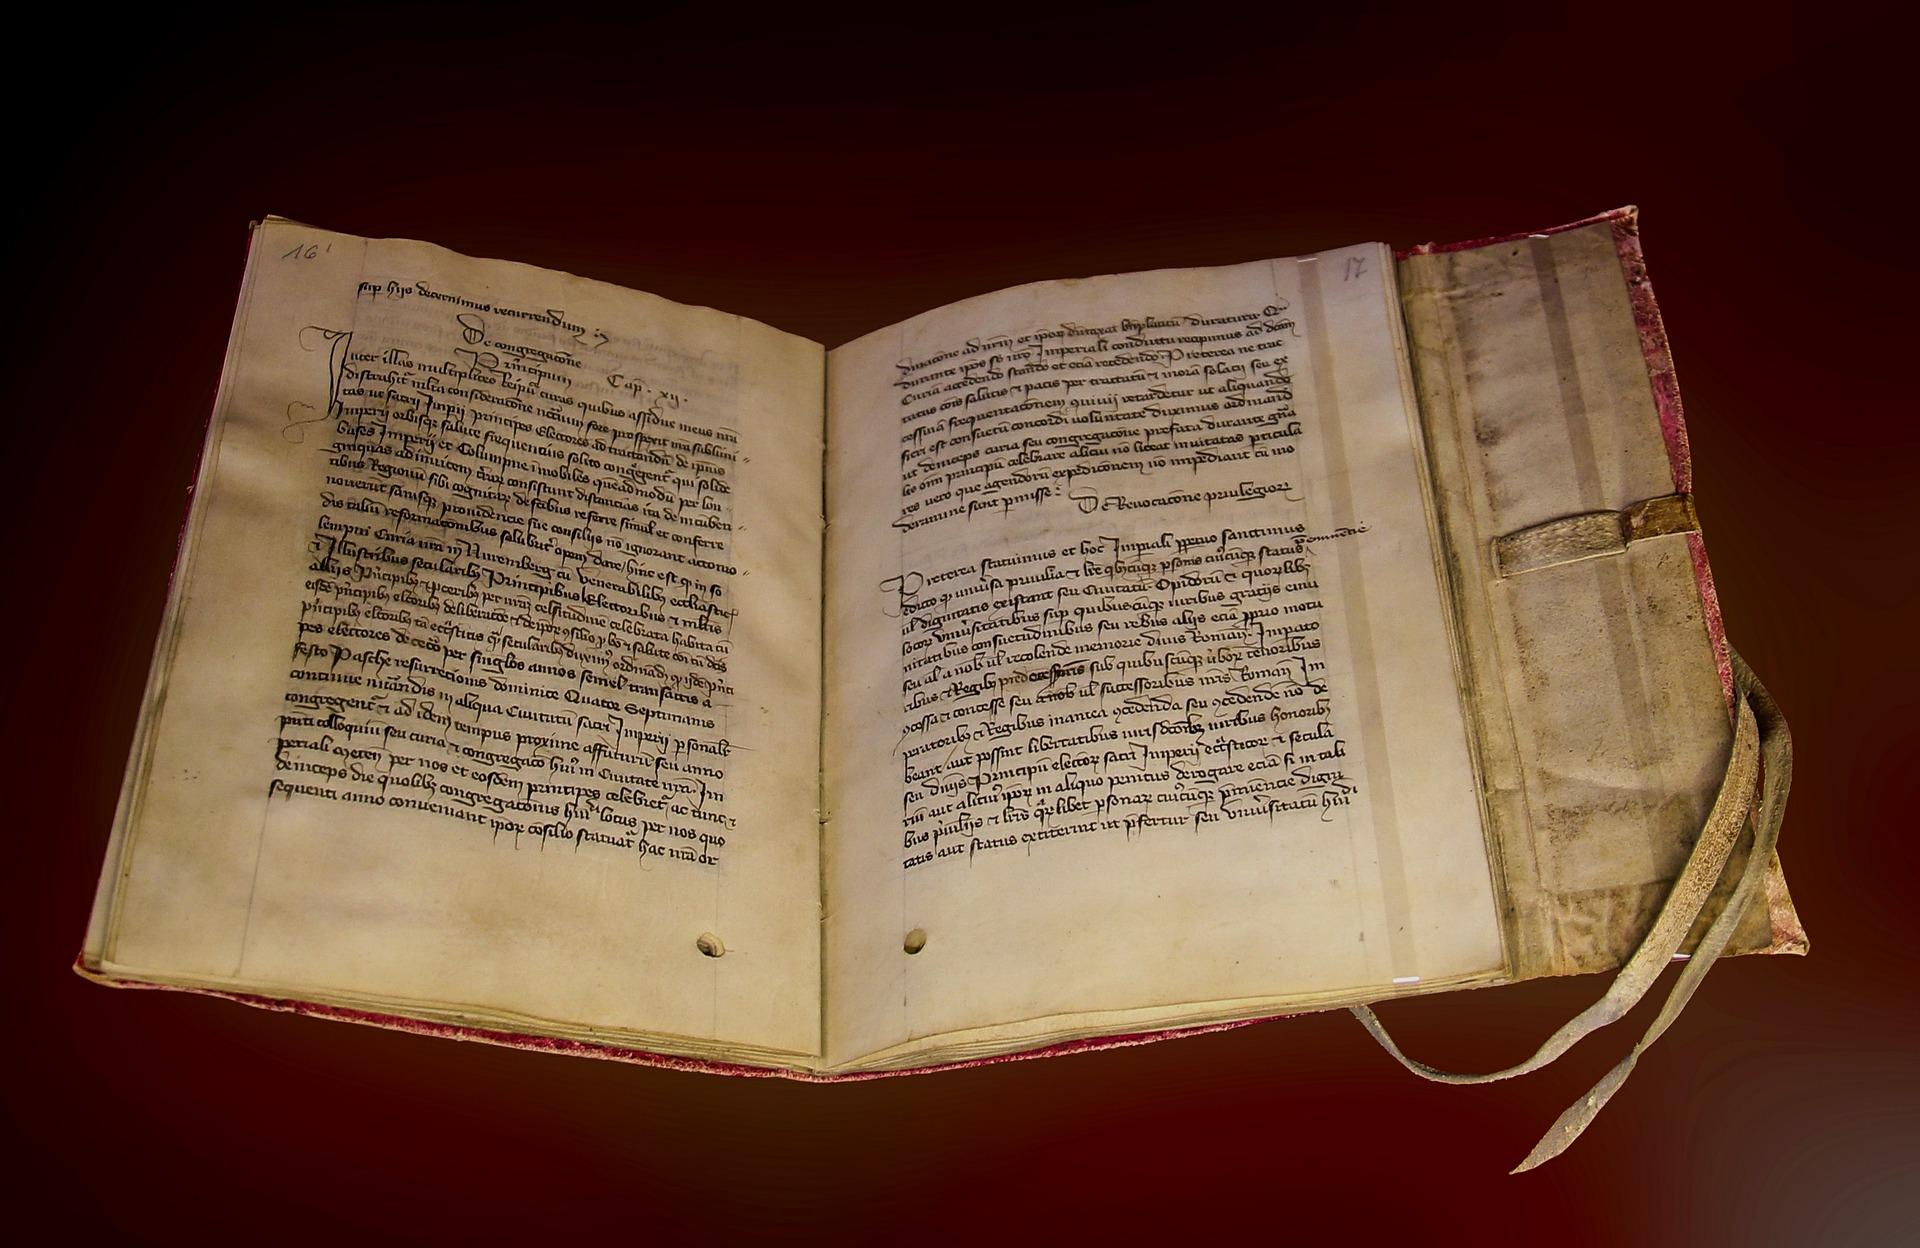 Psychologische Traumdeutung: Aufzeichnungen in alten Büchern.